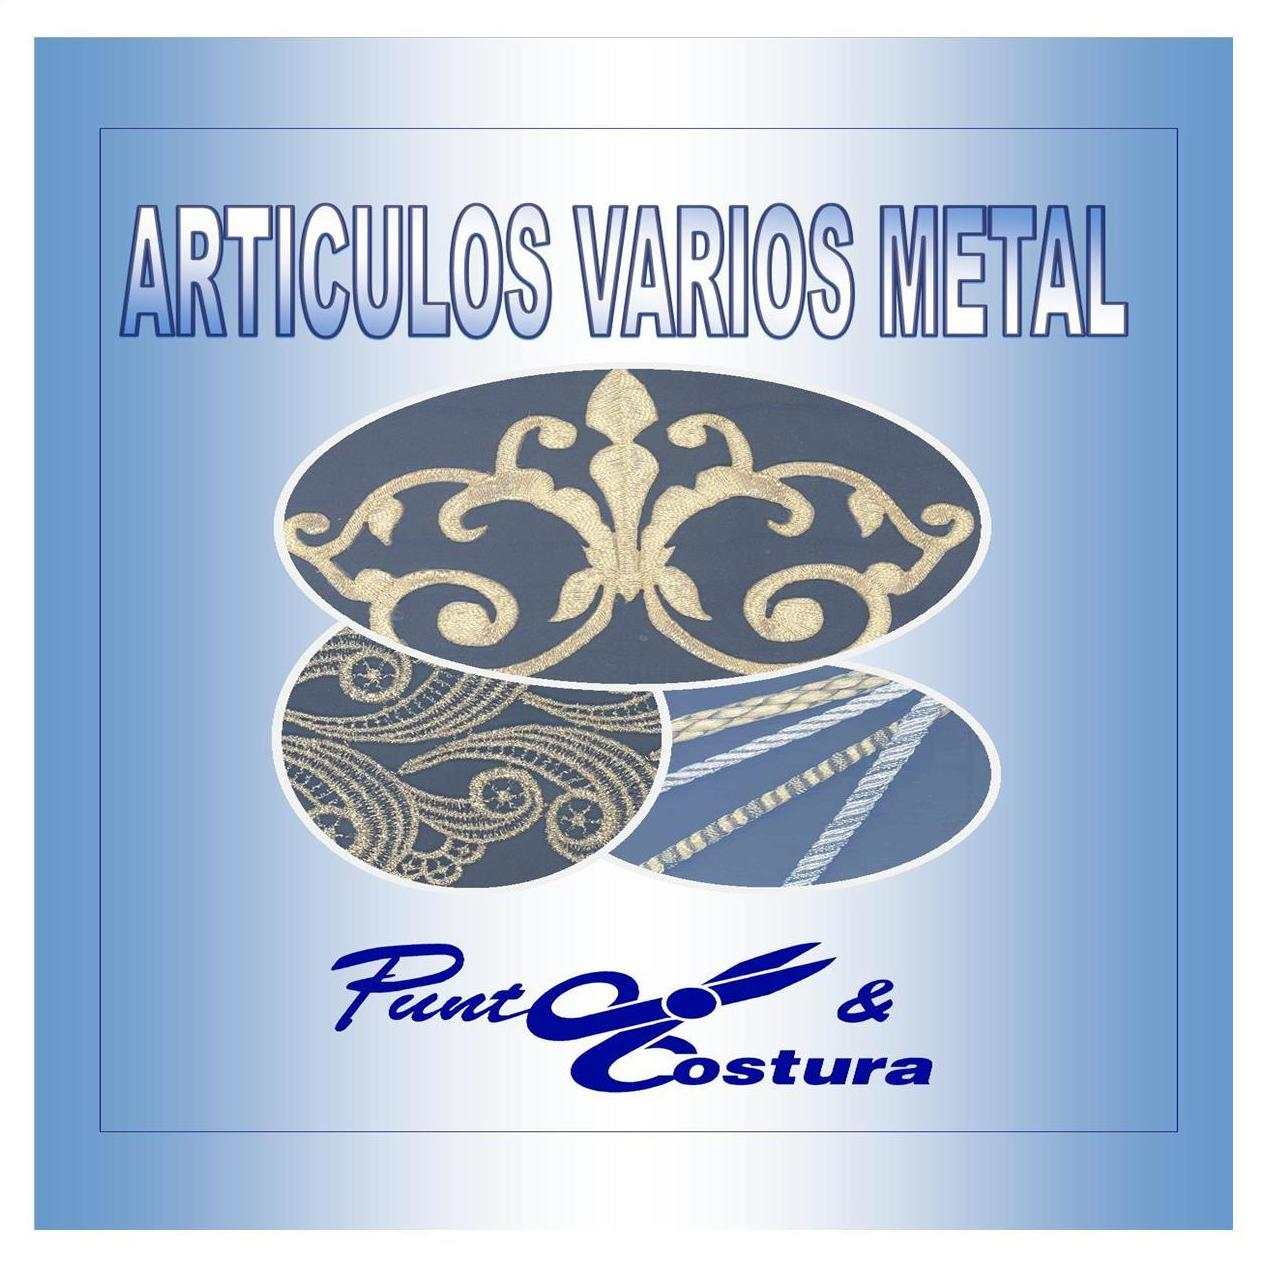 Artículos Varios Metal: Catálogo de Punto & Costura